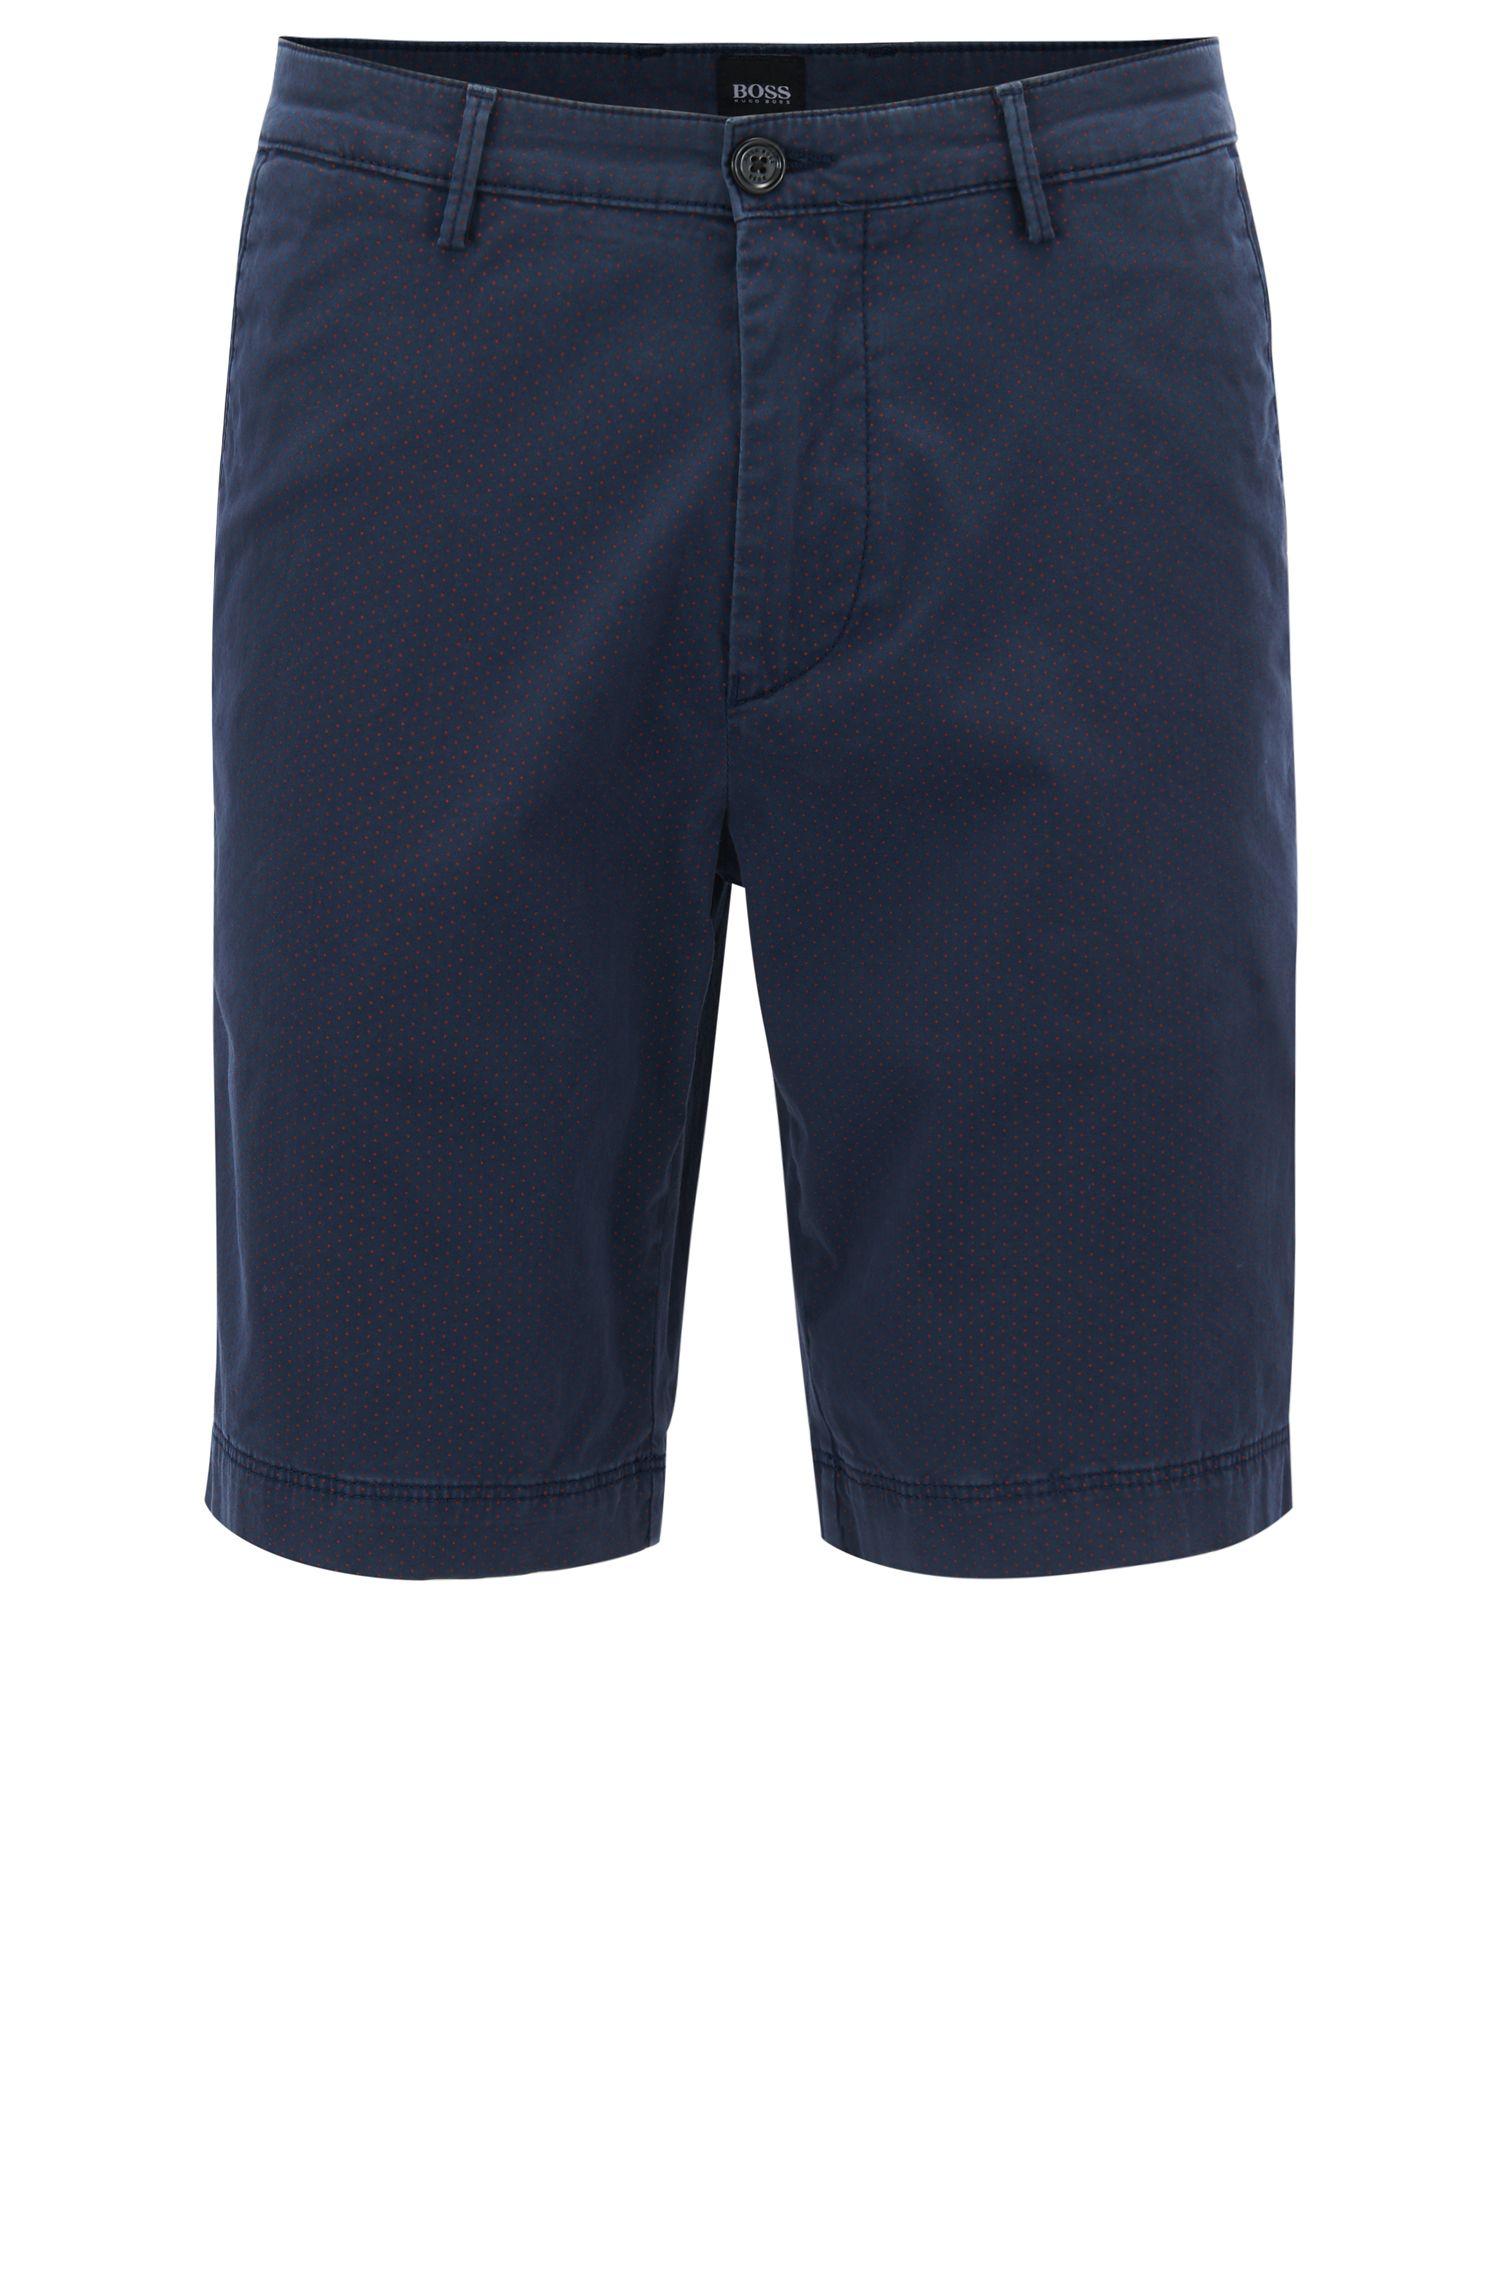 Bedruckte Shorts aus elastischer Pima-Baumwolle